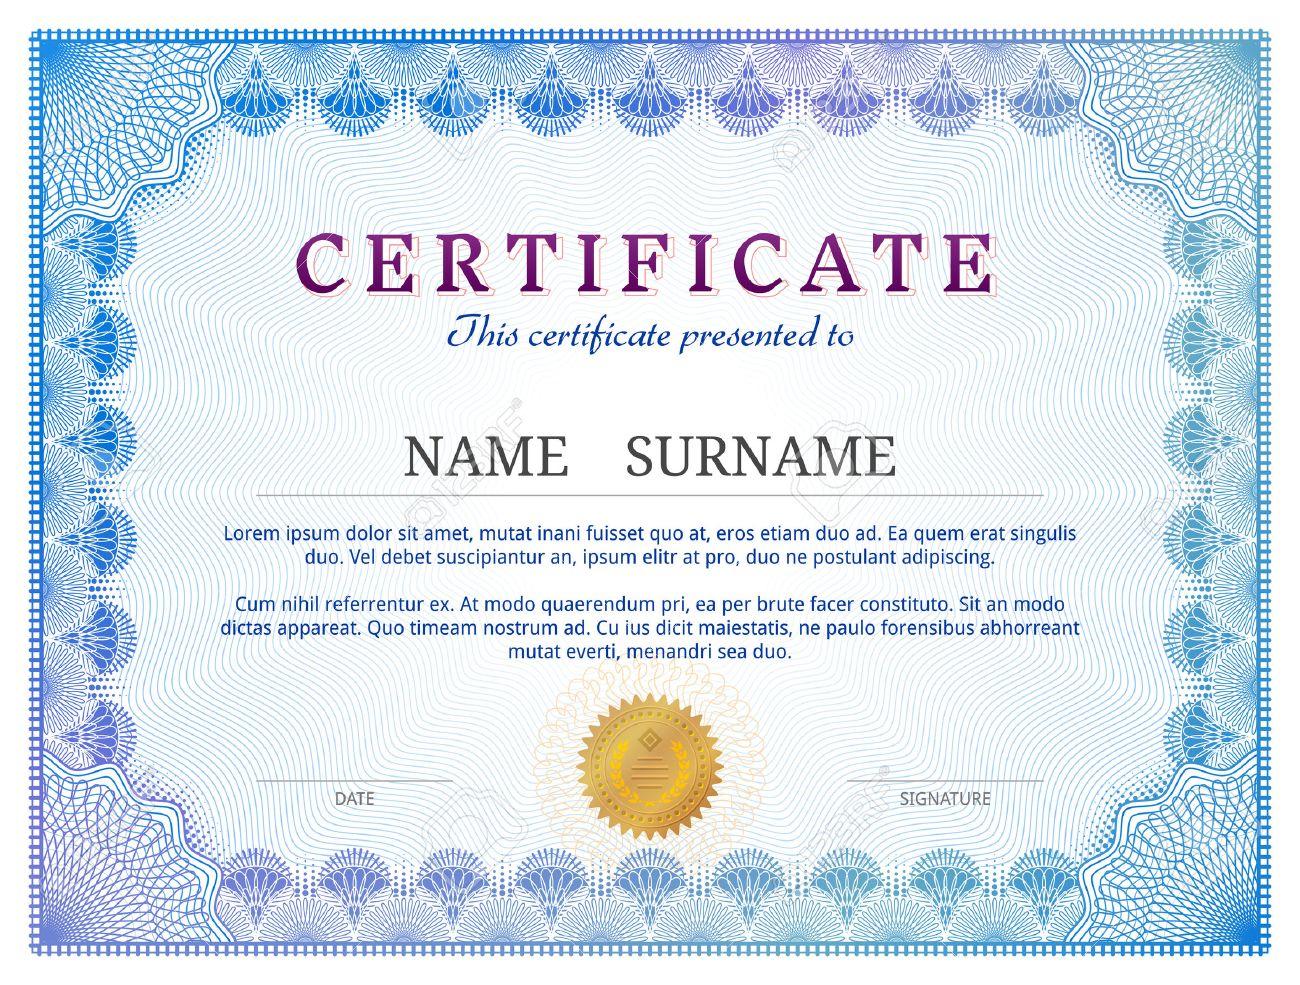 Zertifikatvorlage Mit Guilloche Elemente. Blaue Diplom Grenze Design ...